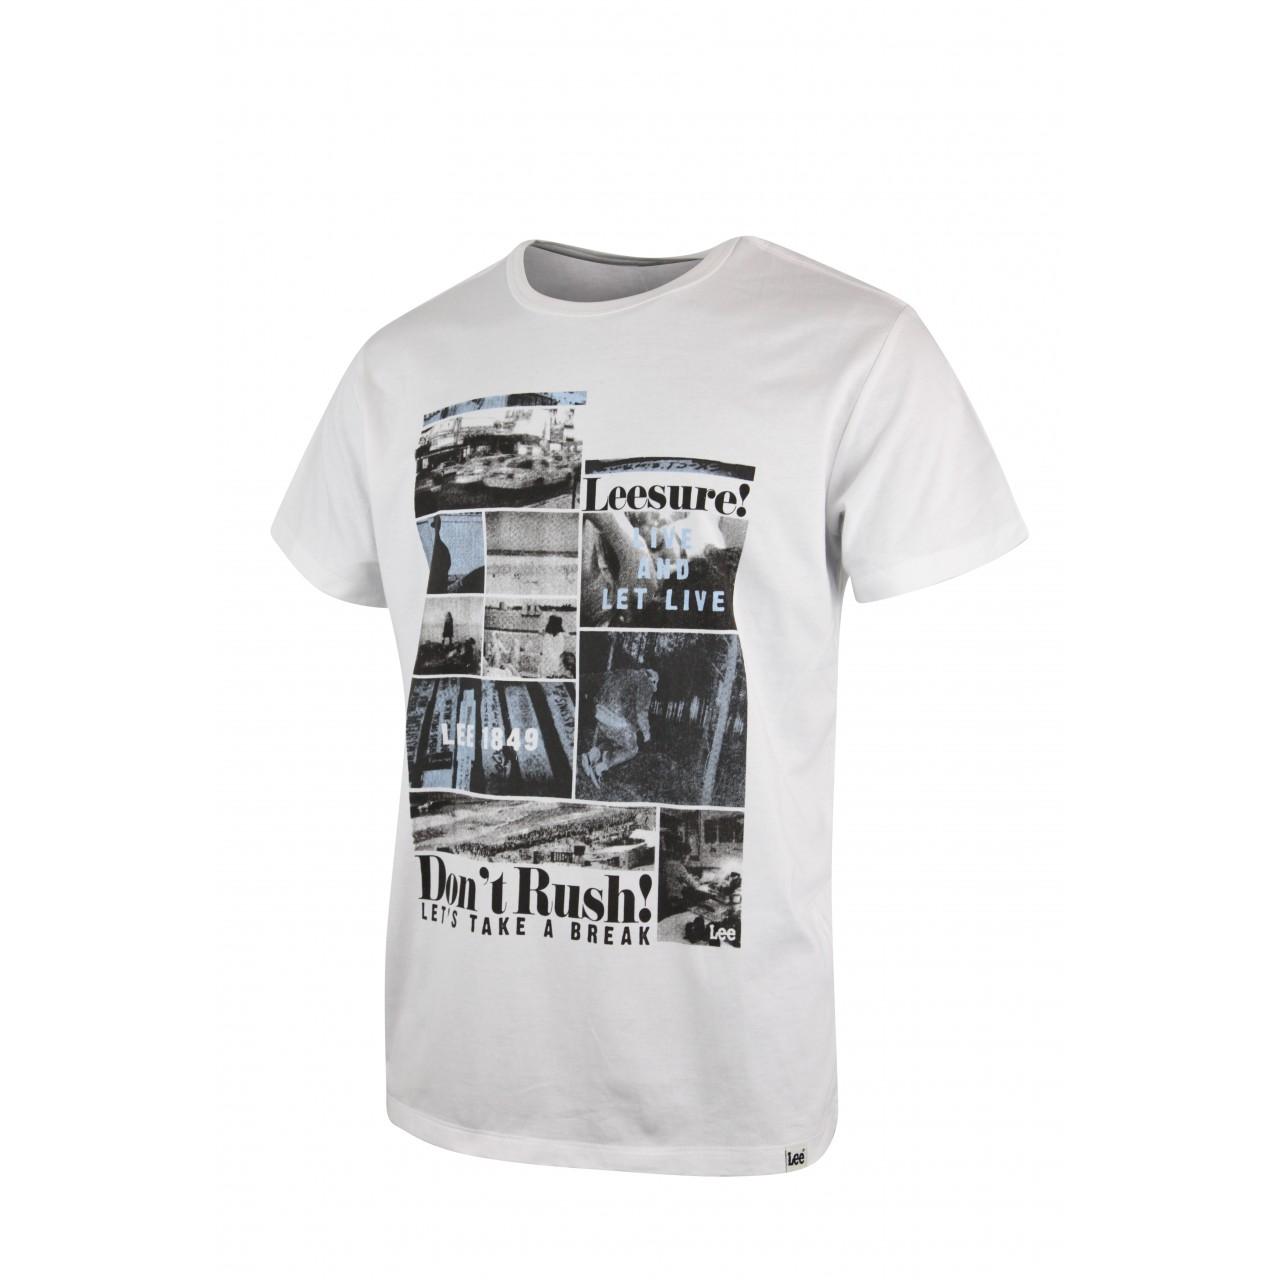 TAKE A BREAK Men's Softy Crew Neck T-shirt